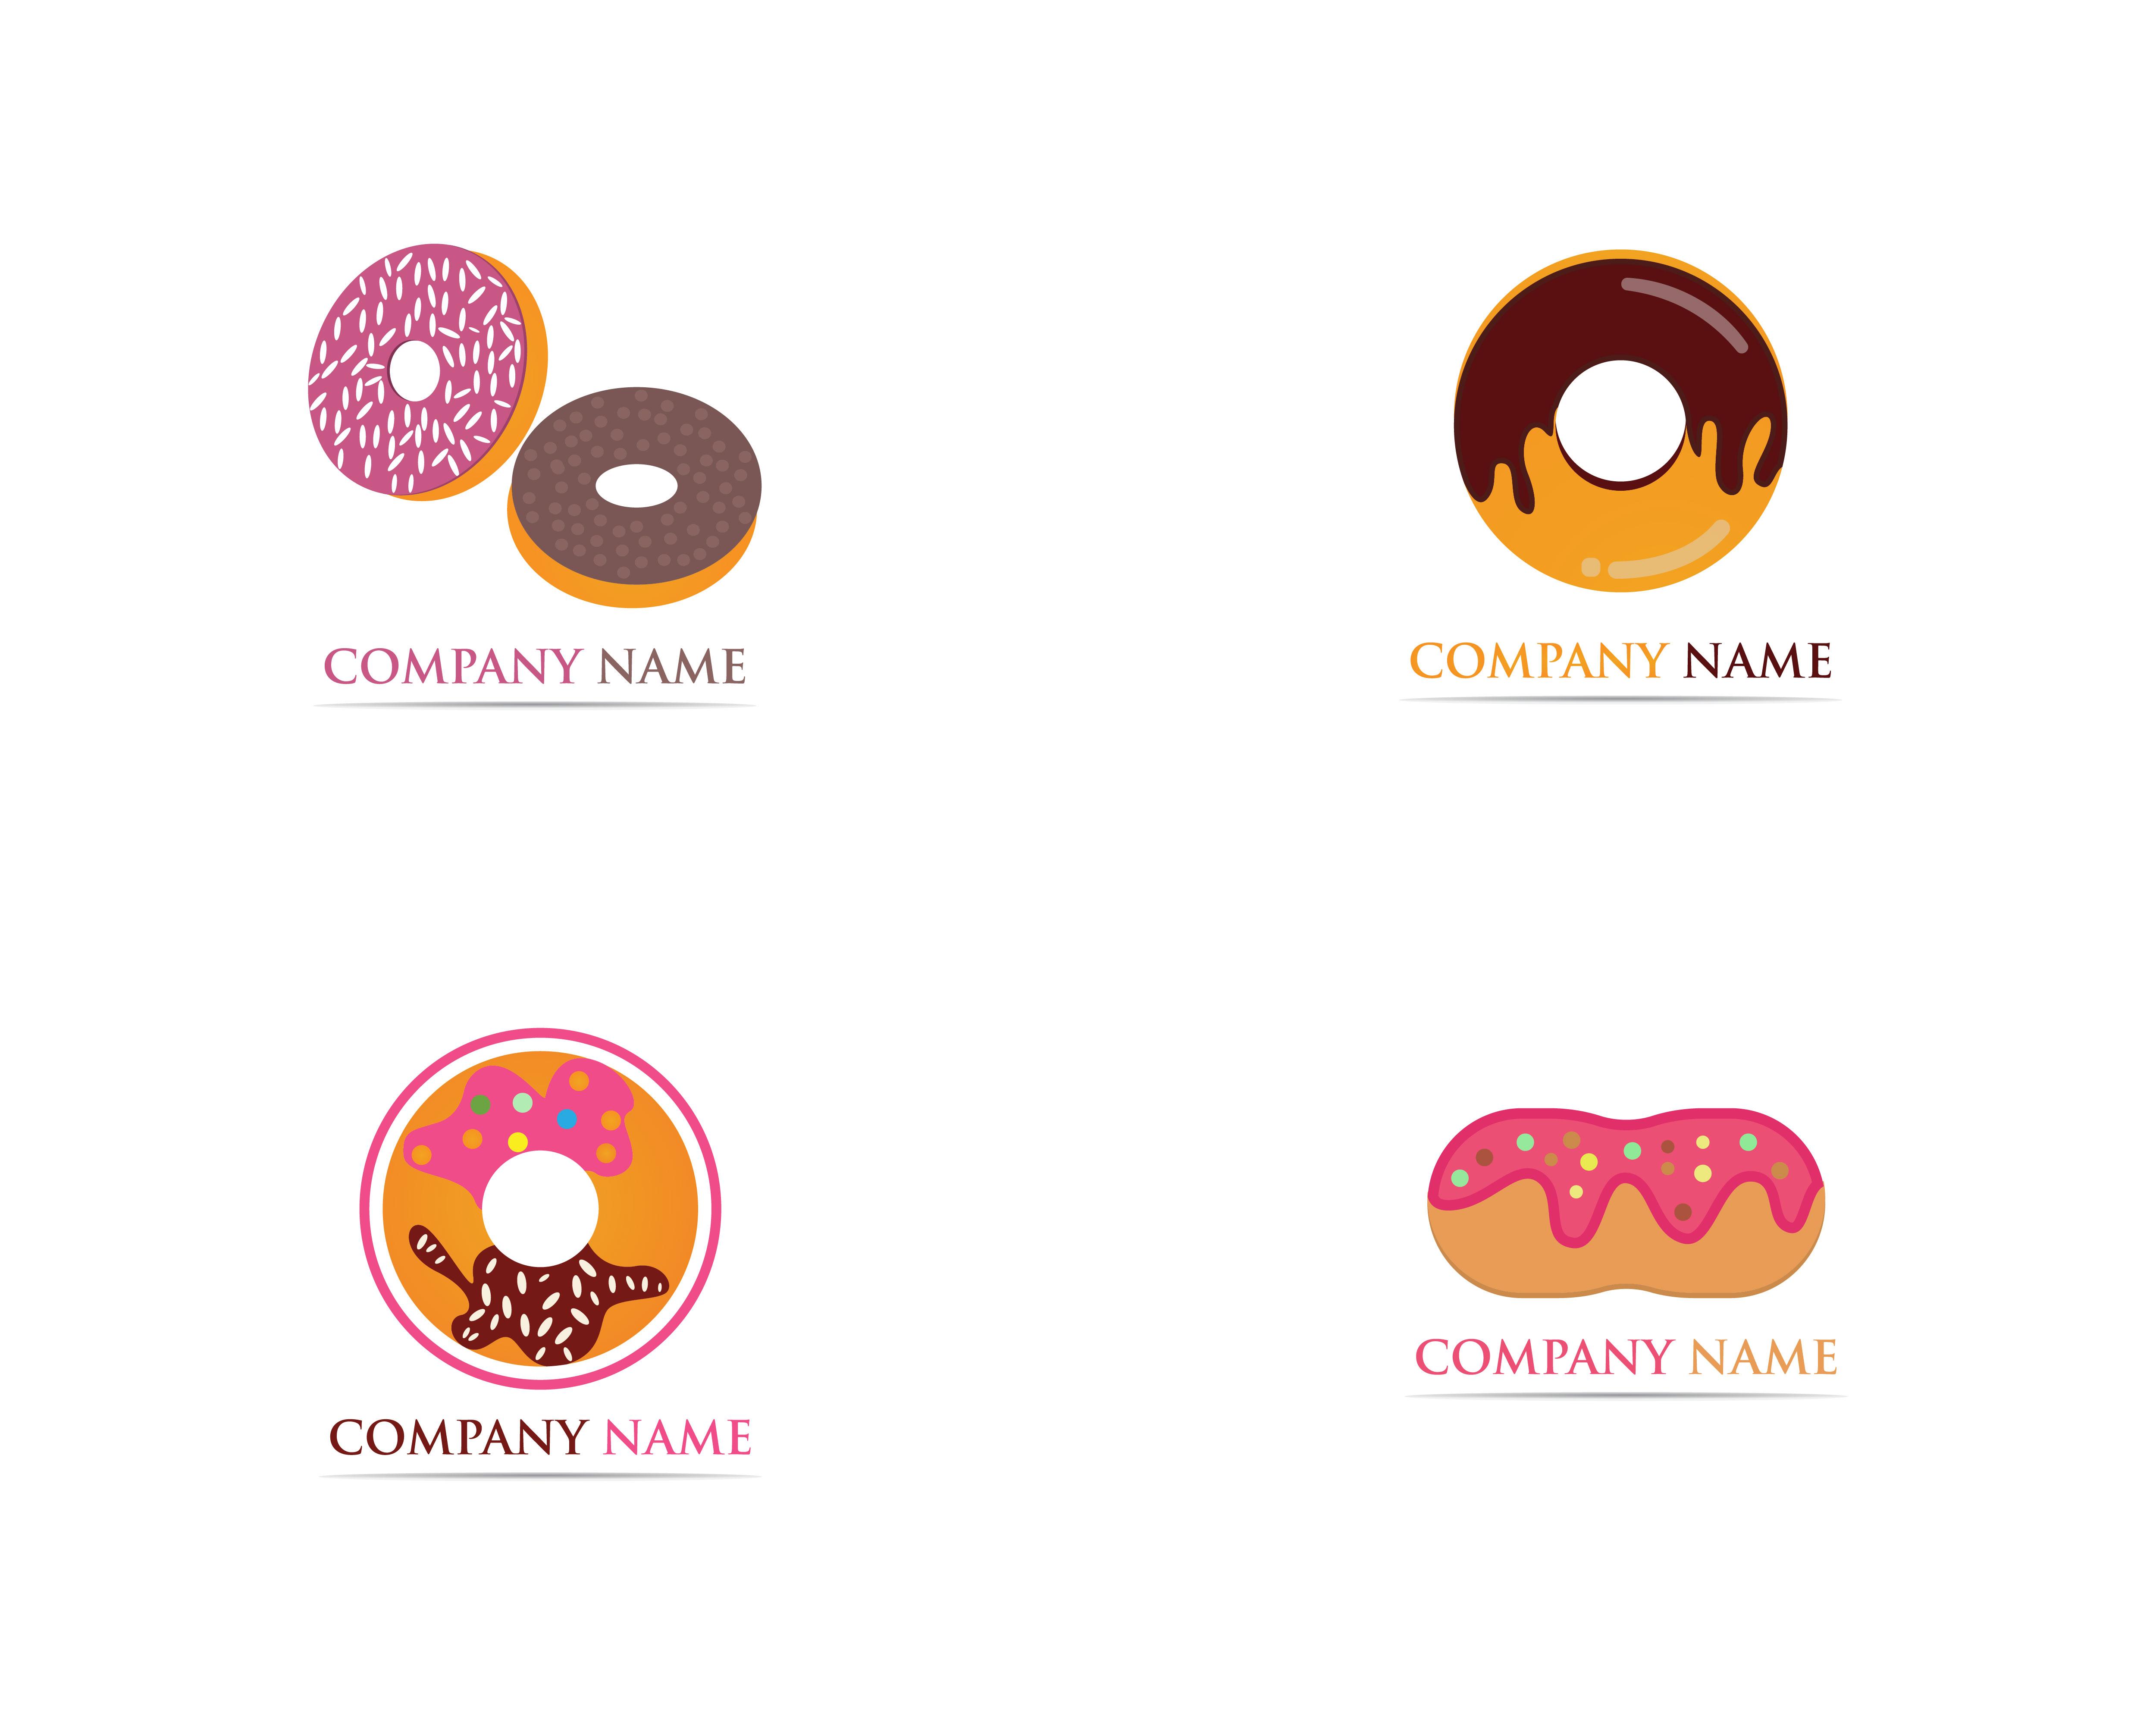 甜點 logo 免費下載   天天瘋後製